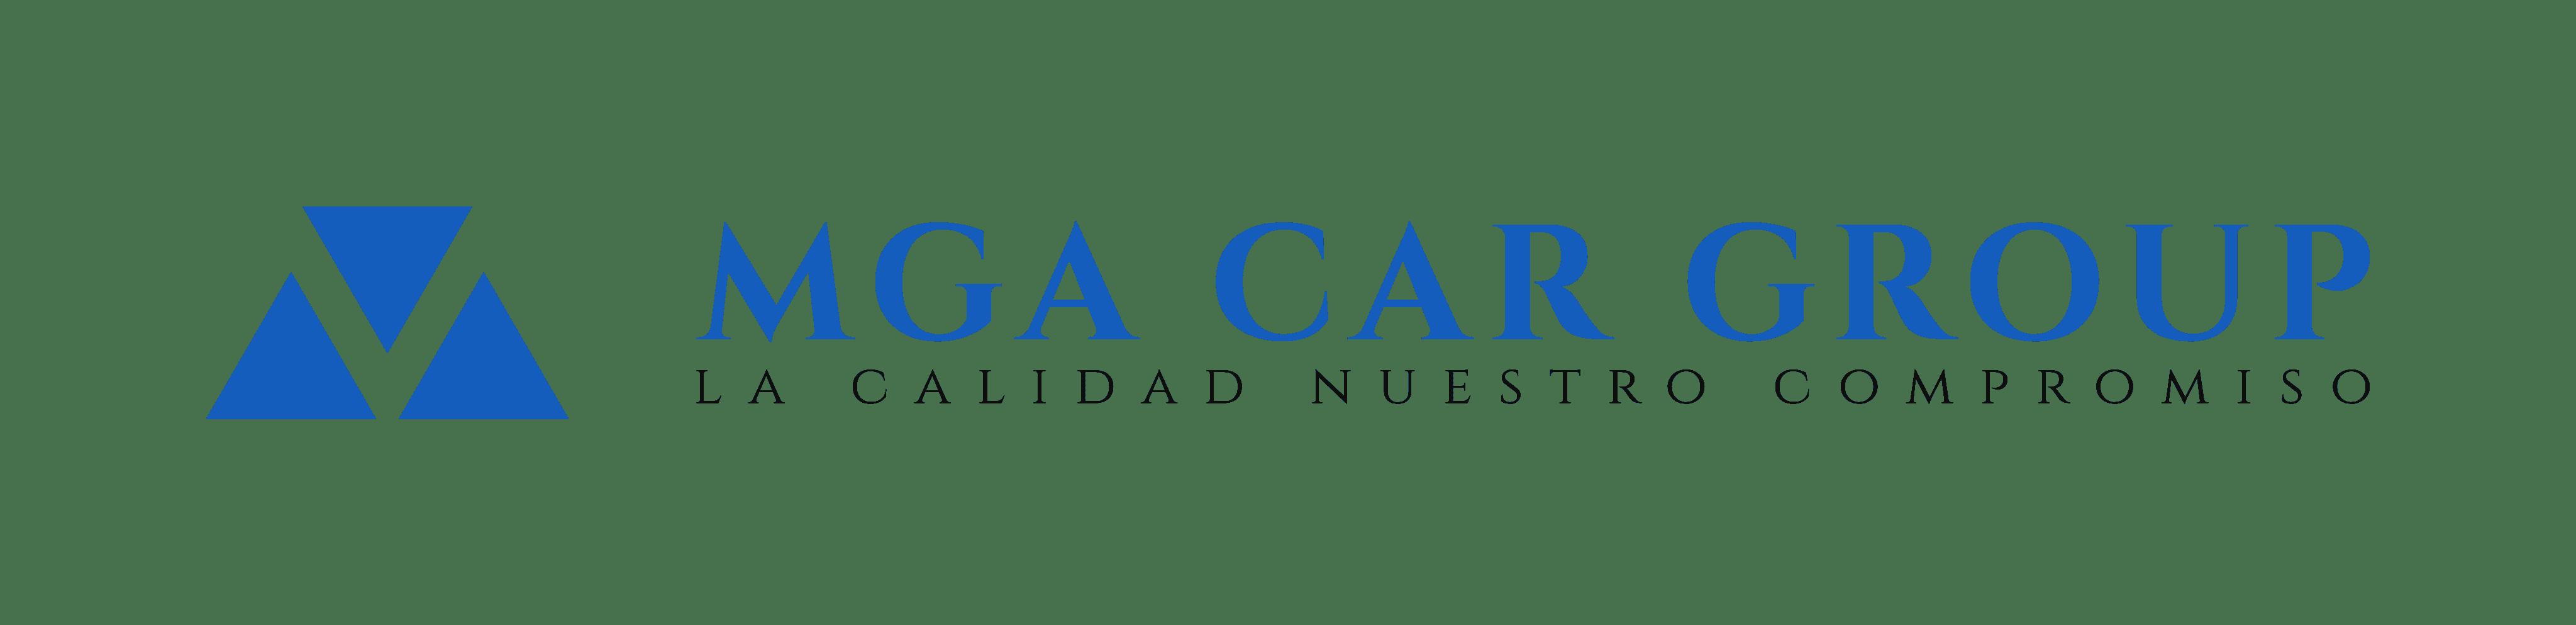 Martín García Autos, Ventas & Reparación Multimarca en Valdelafuente (León)